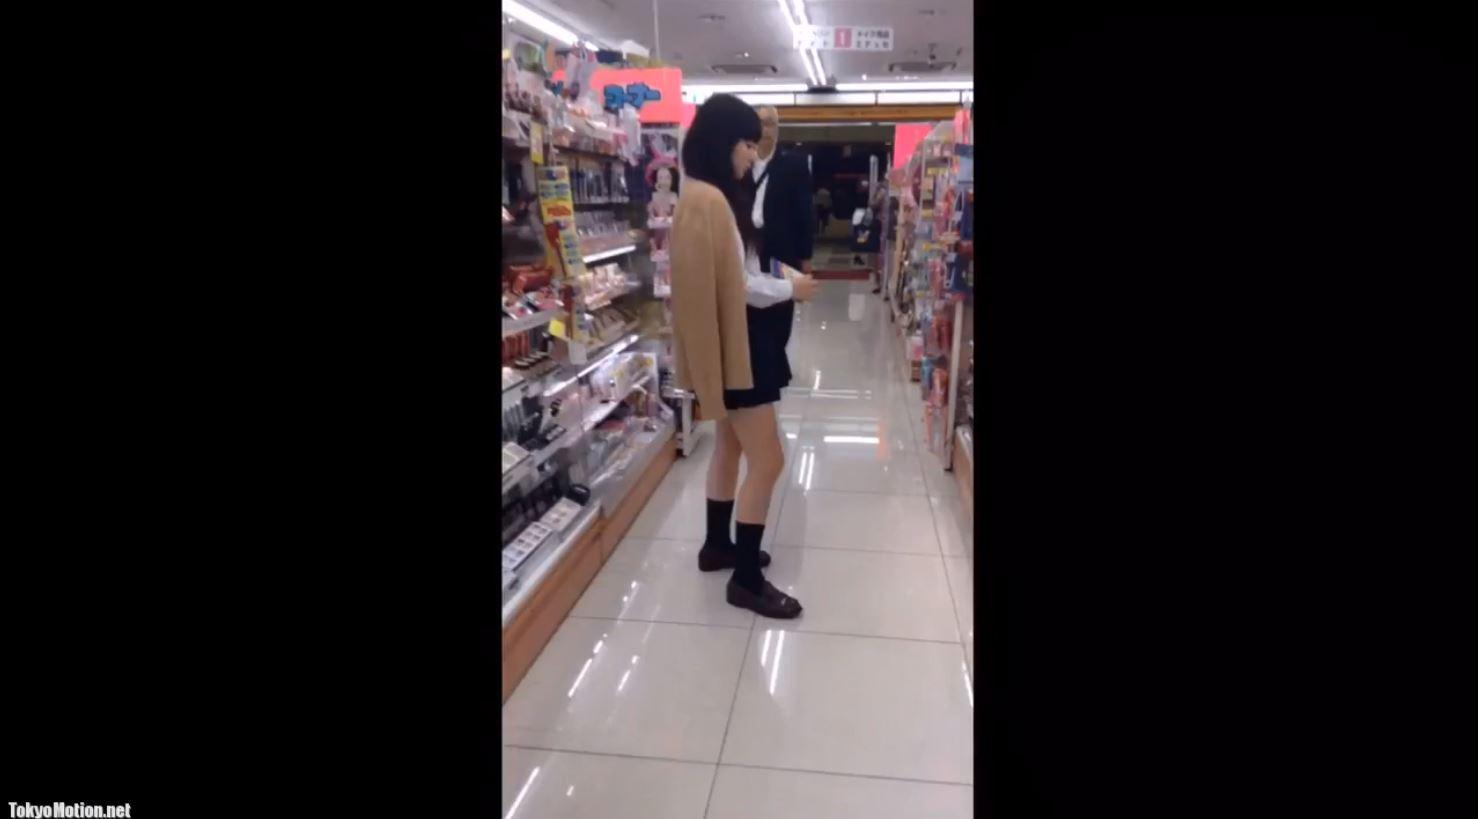 《女子校生リアル動画パンティ逆さ盗撮》JKがしゃがんだ時、すかさず後ろからパンティ撮影